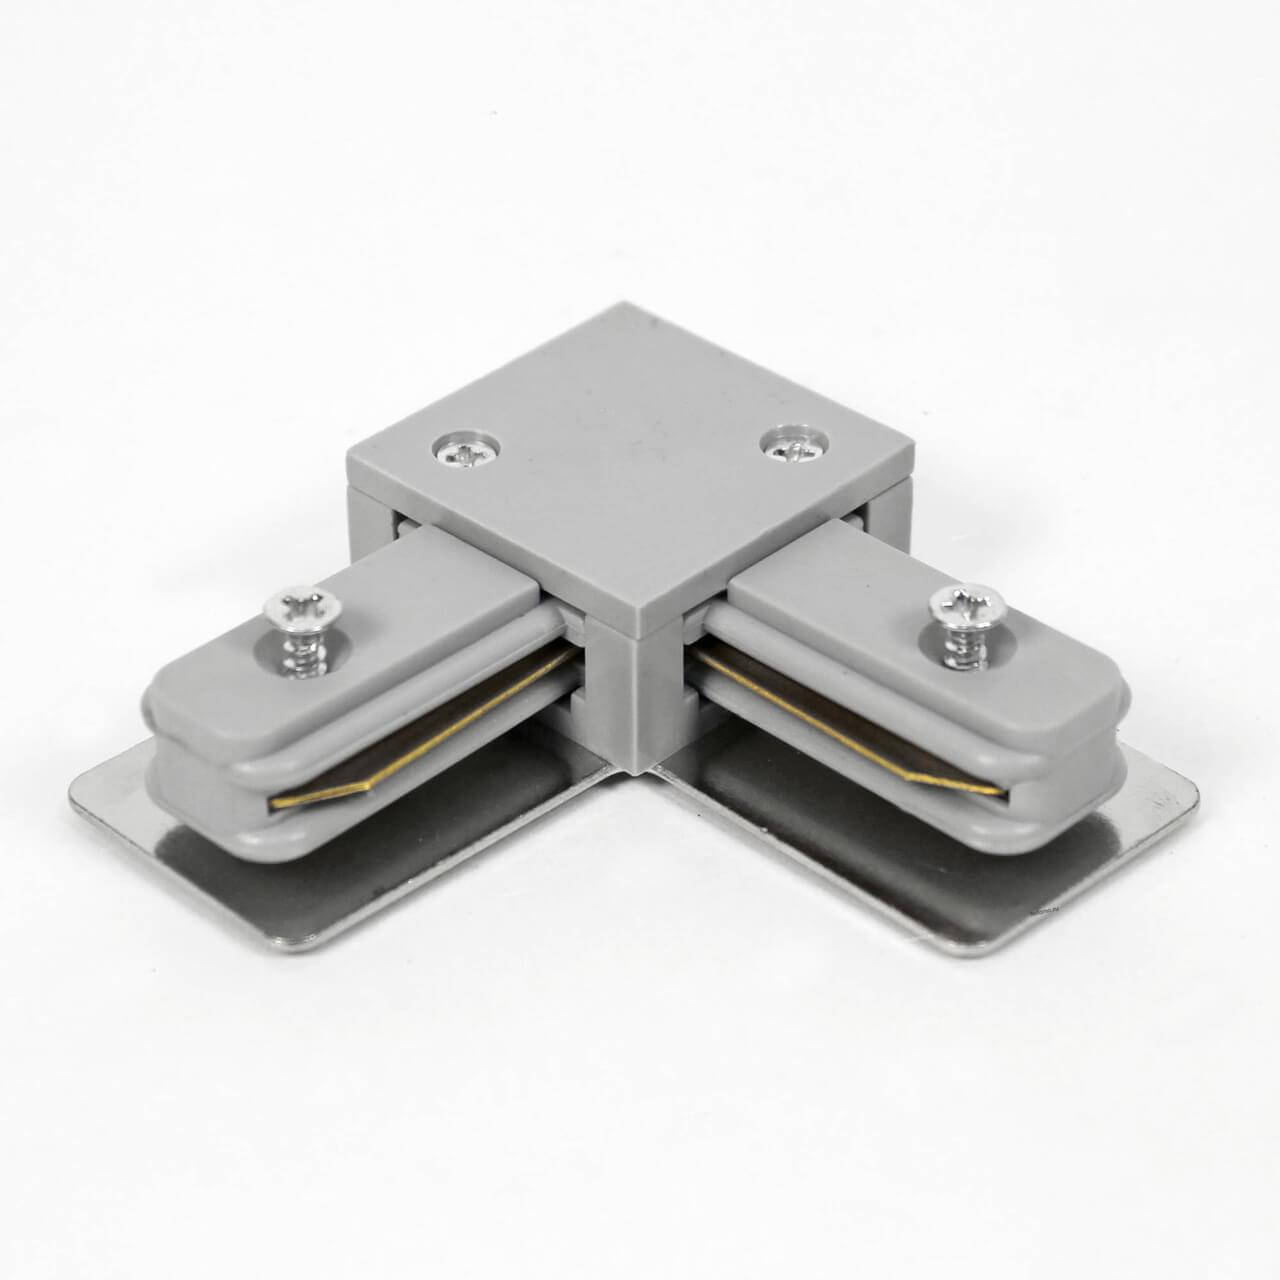 цена на Коннектор для шинопровода Horoz серый 096-002-0002